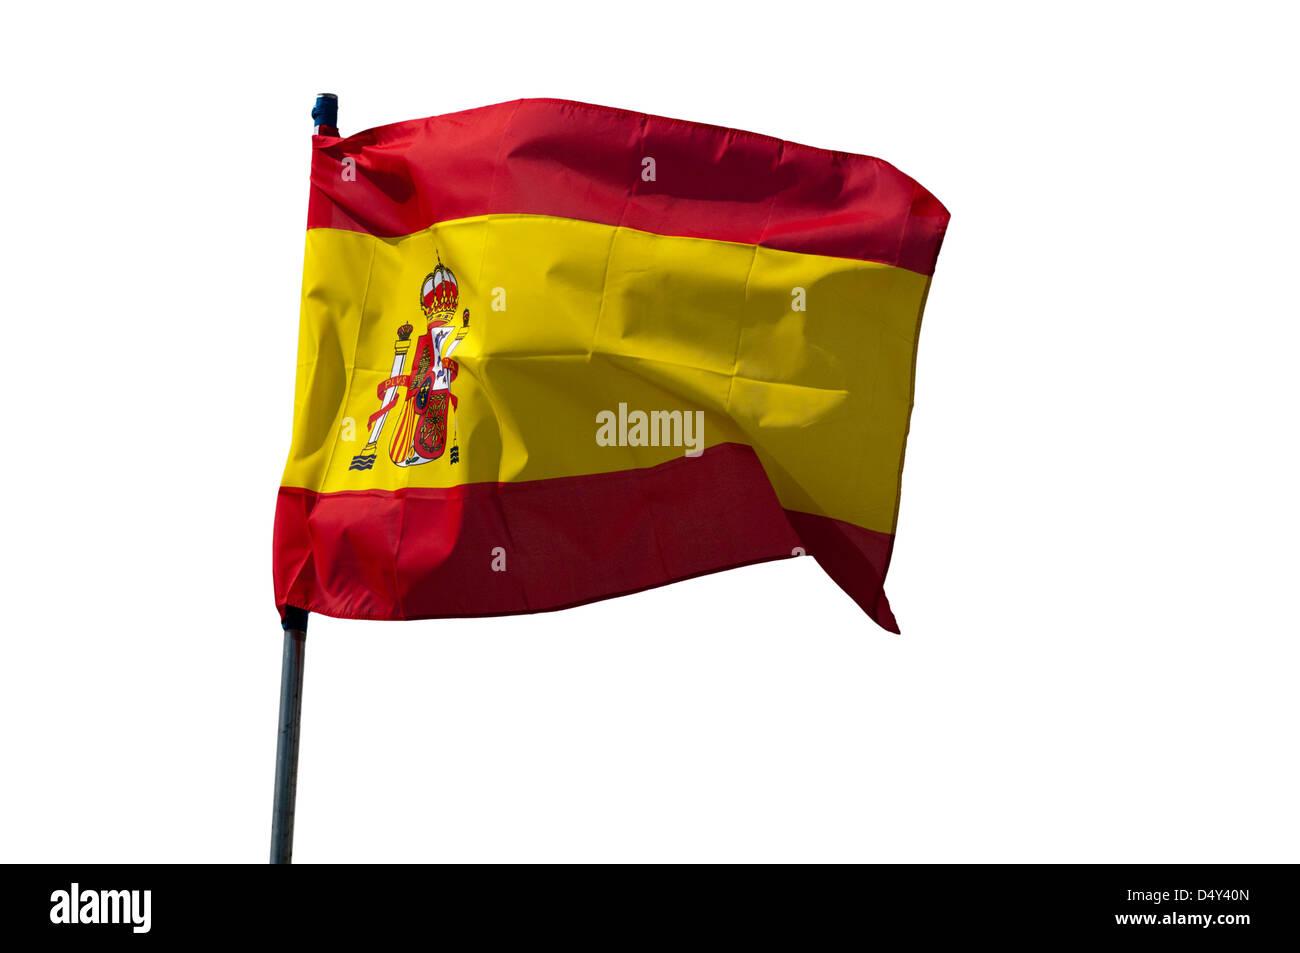 Spanish National Flag - Stock Image